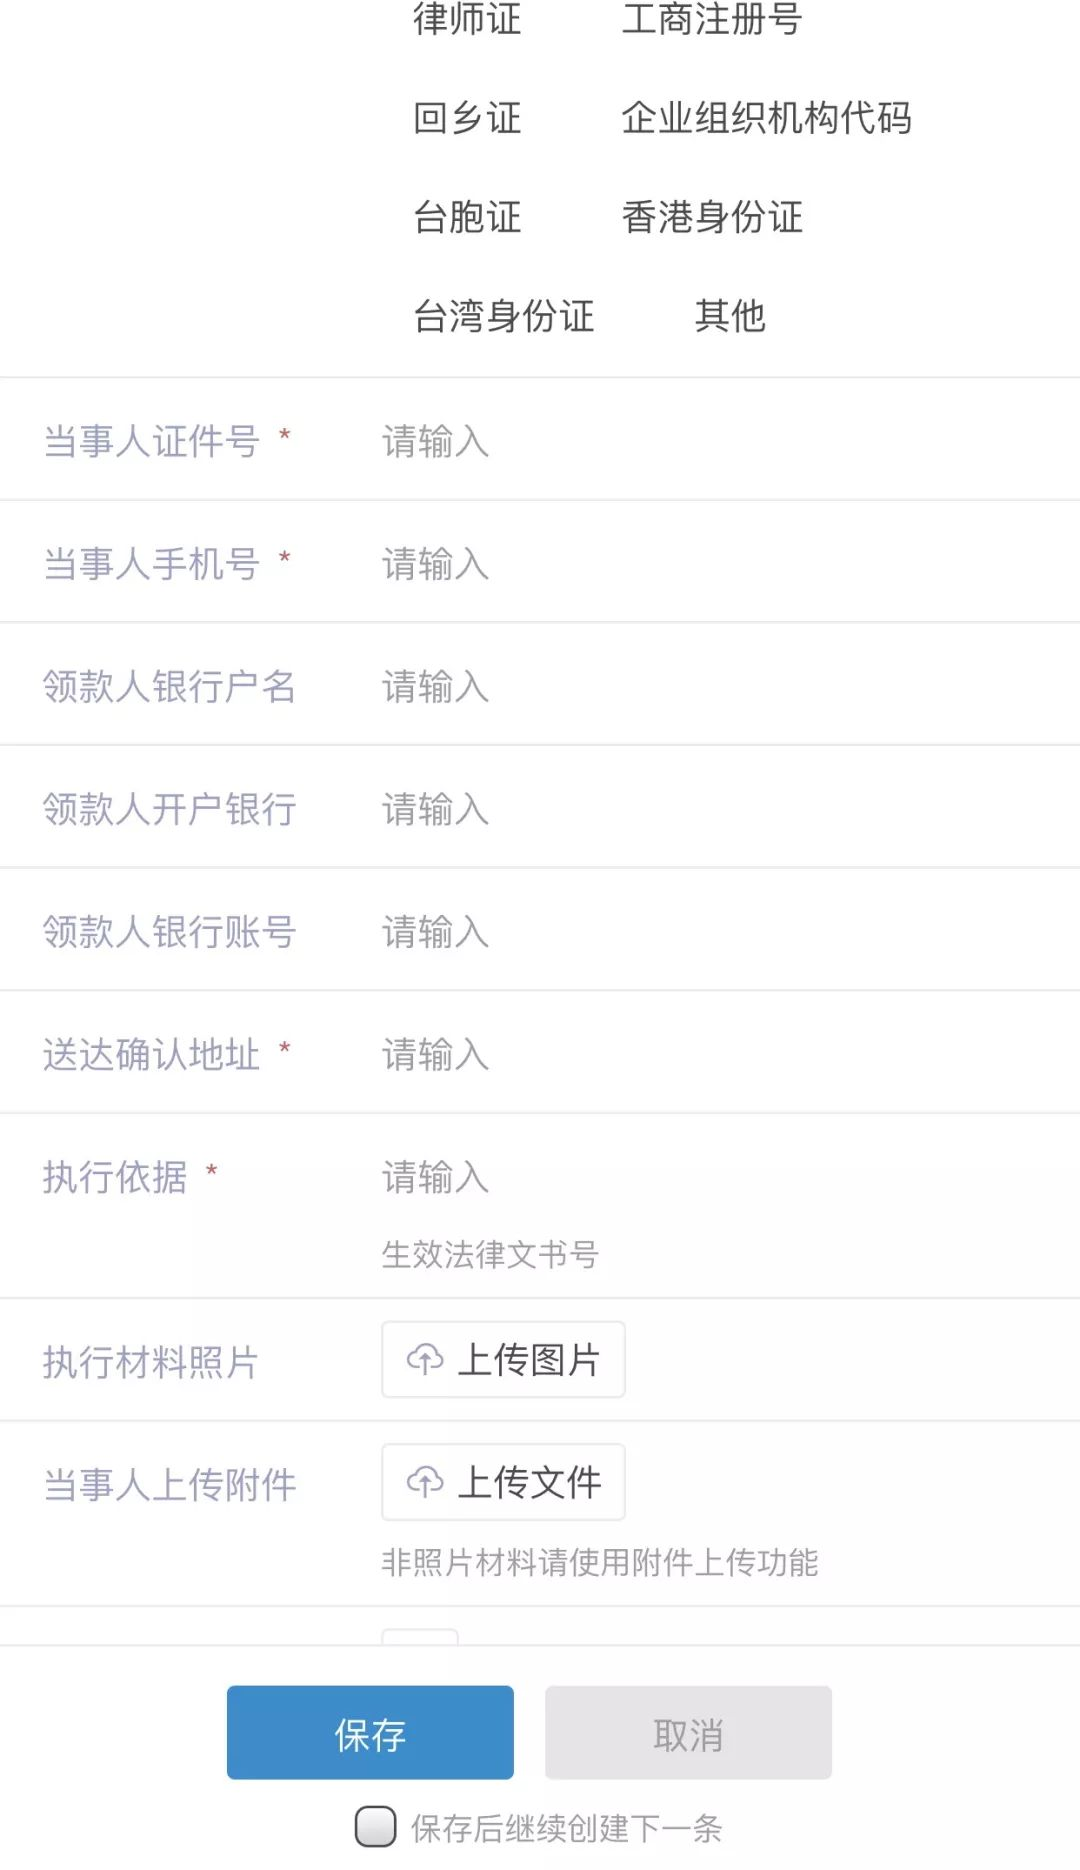 #晨报#江苏局部署新型冠状病毒感染的肺炎疫情防控工作;Nitride在美赢得对RayVio的UV LED专利侵权诉讼